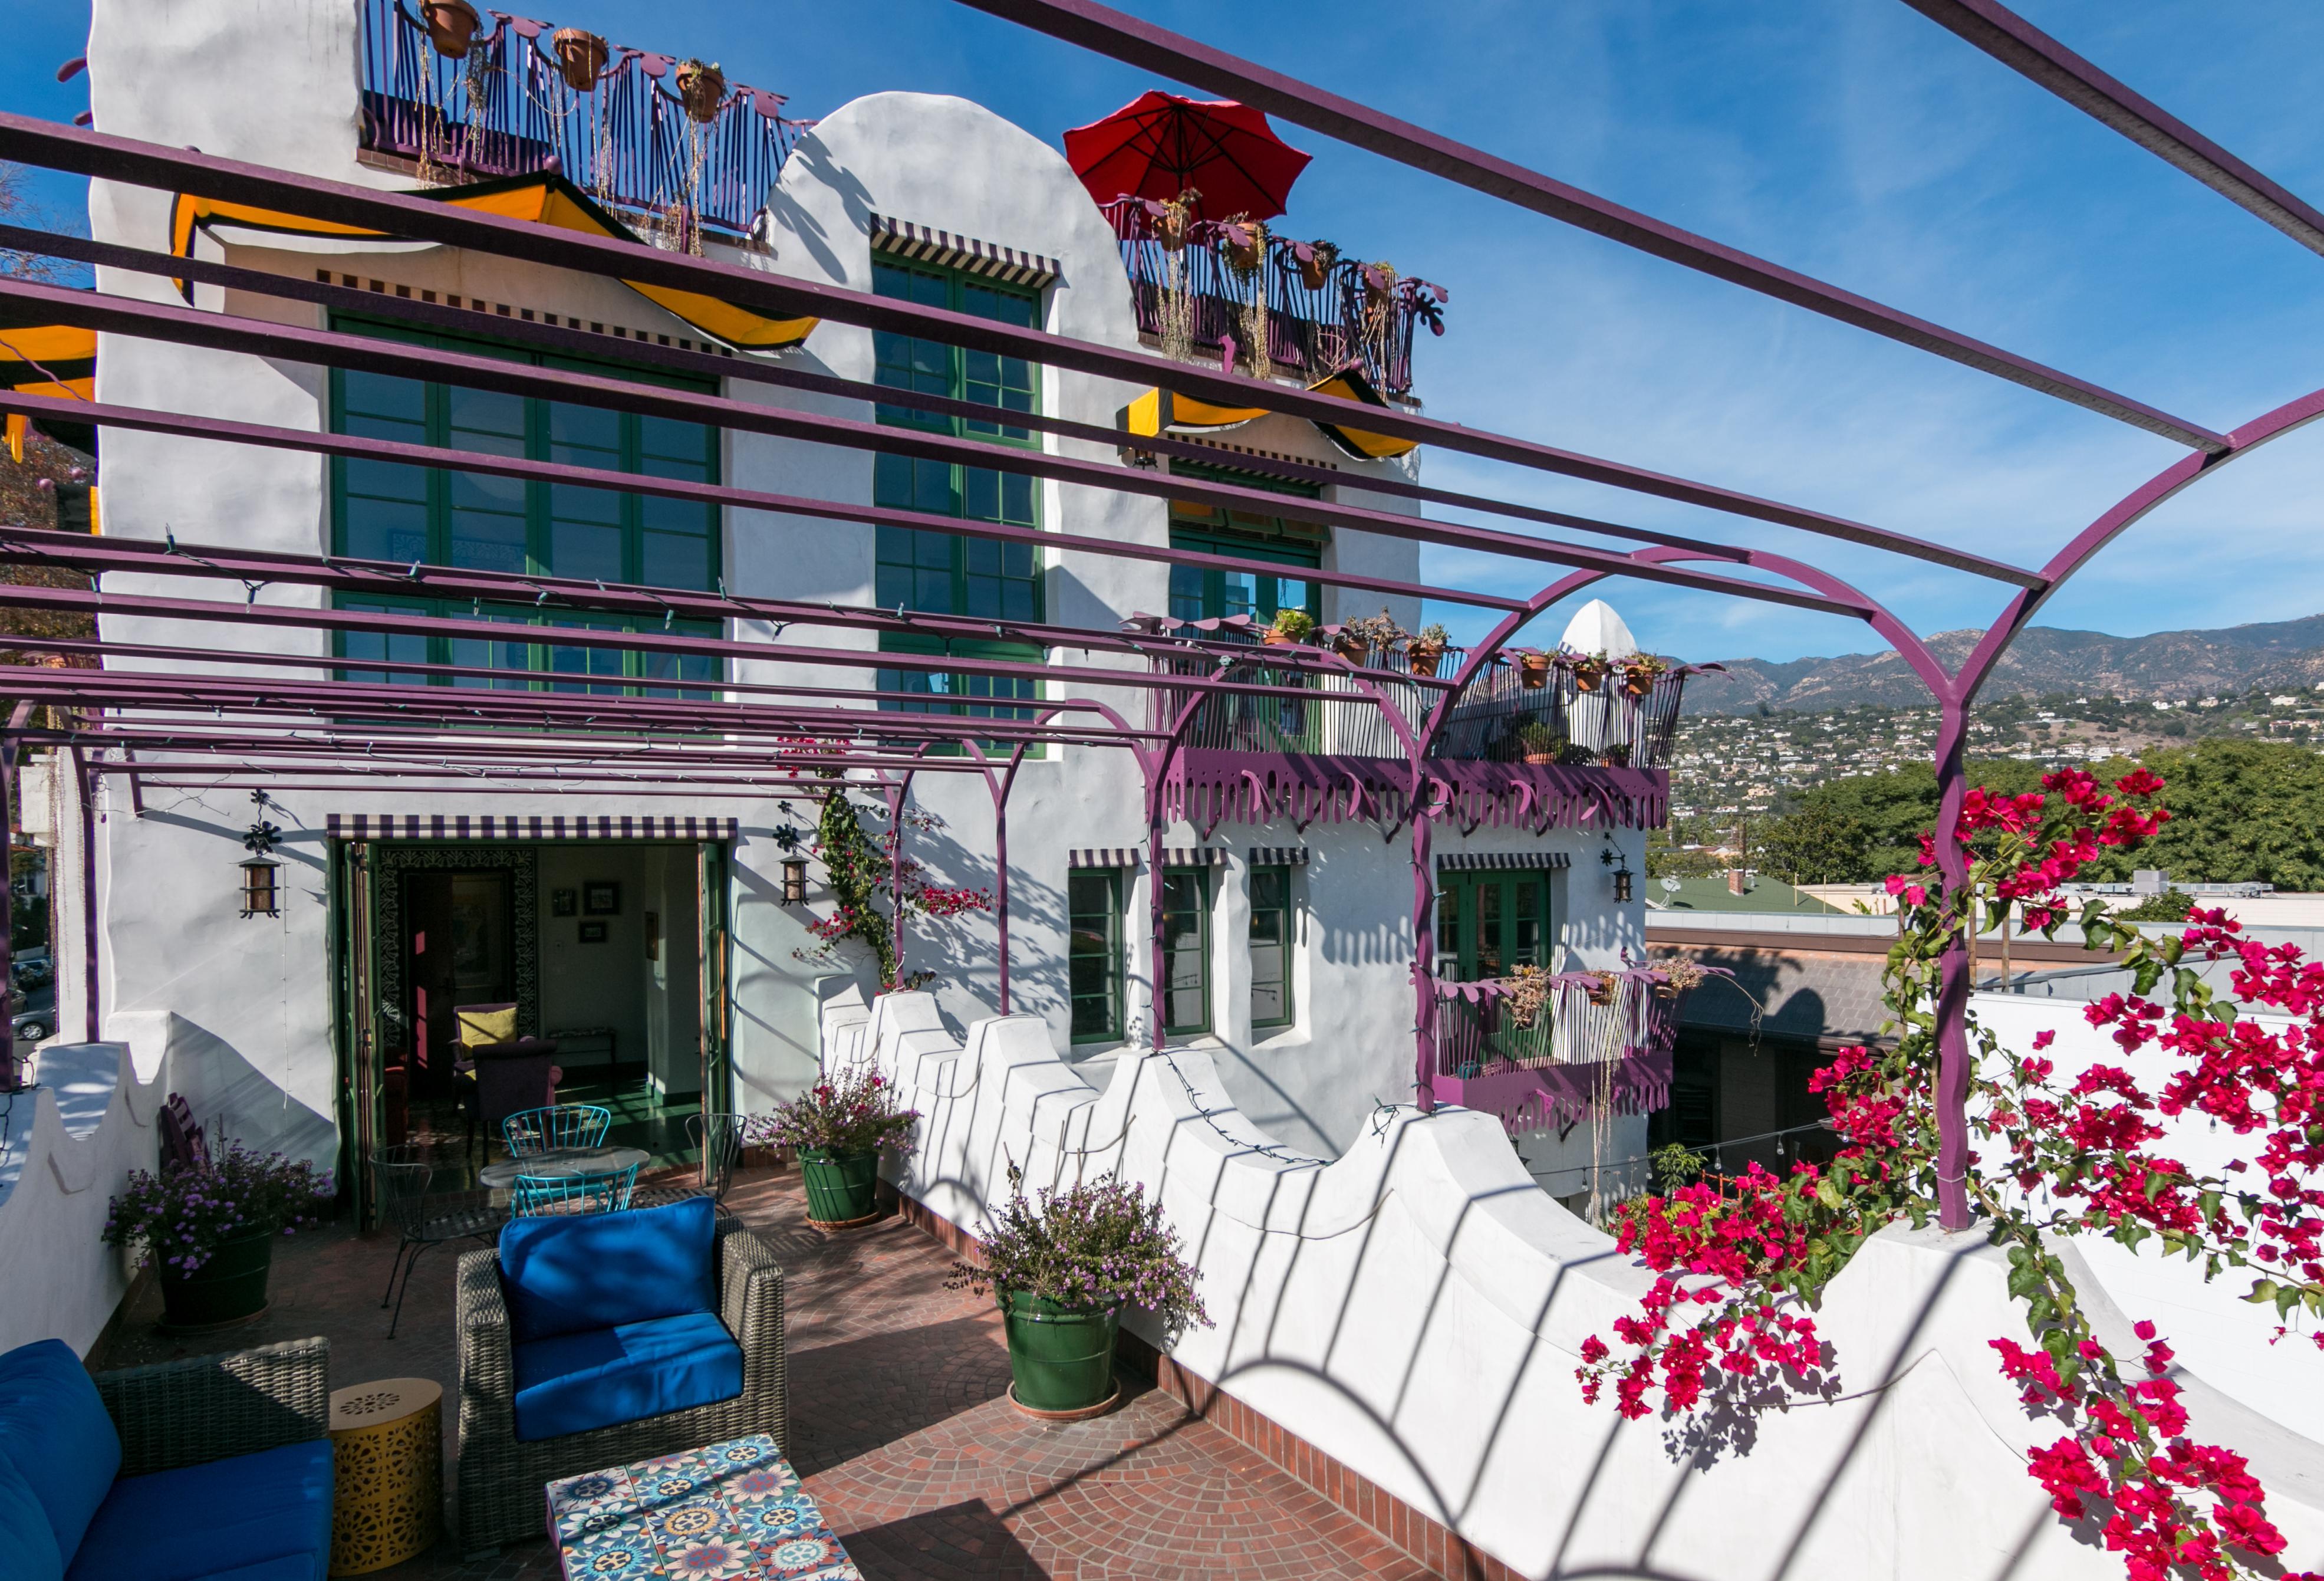 Santa Barbara CA Vacation Rental Welcome to Santa